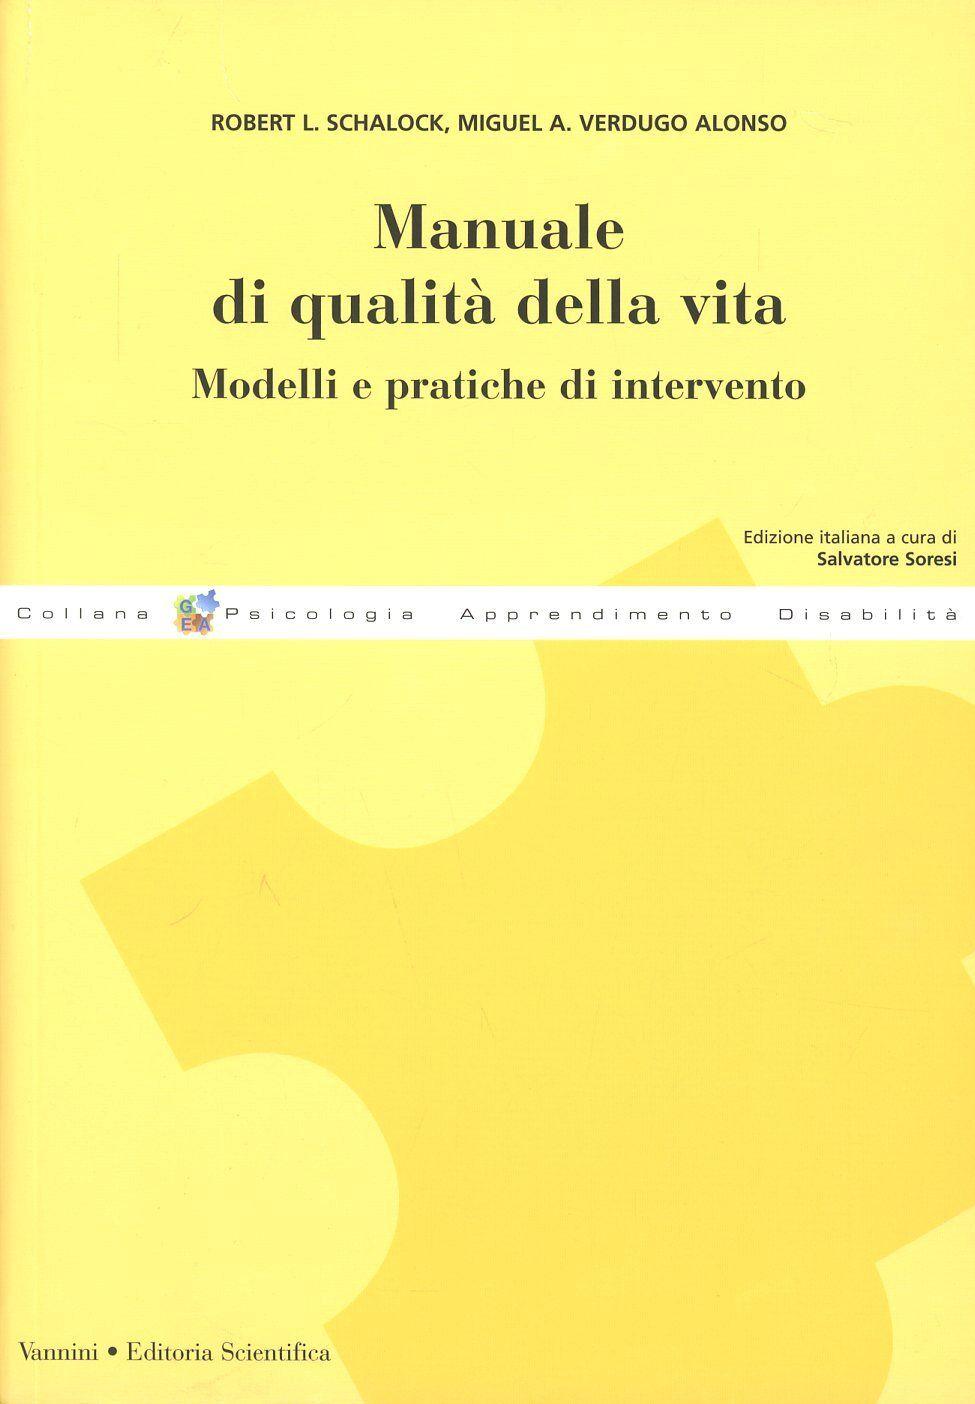 Manuale di qualità della vita. Modelli e pratiche di intervento